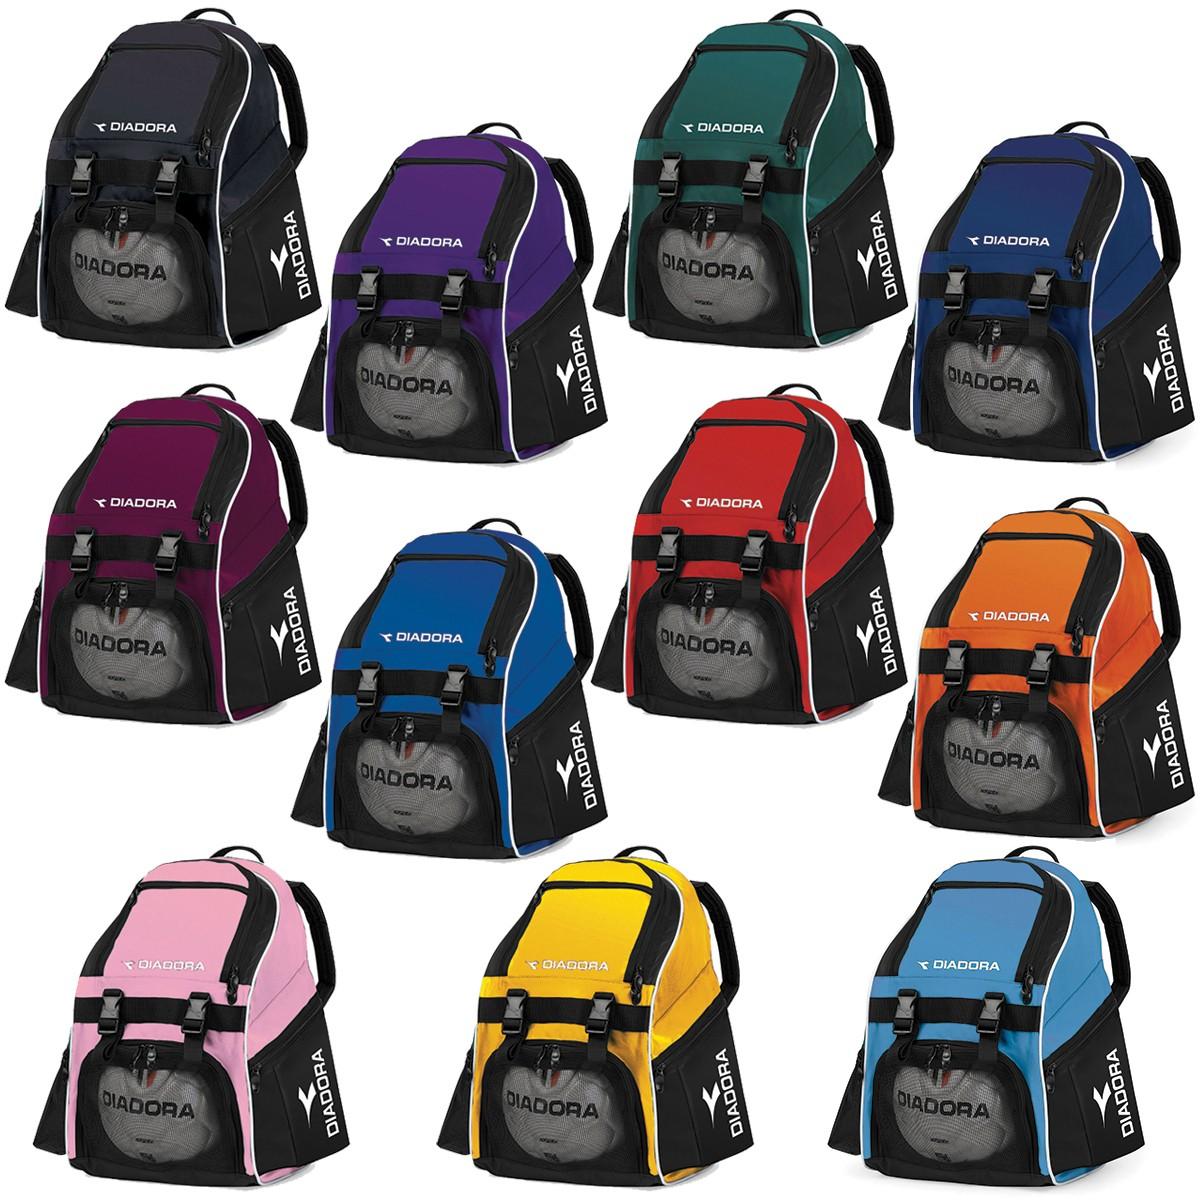 d88dd6ec4 diadora soccer backpacks